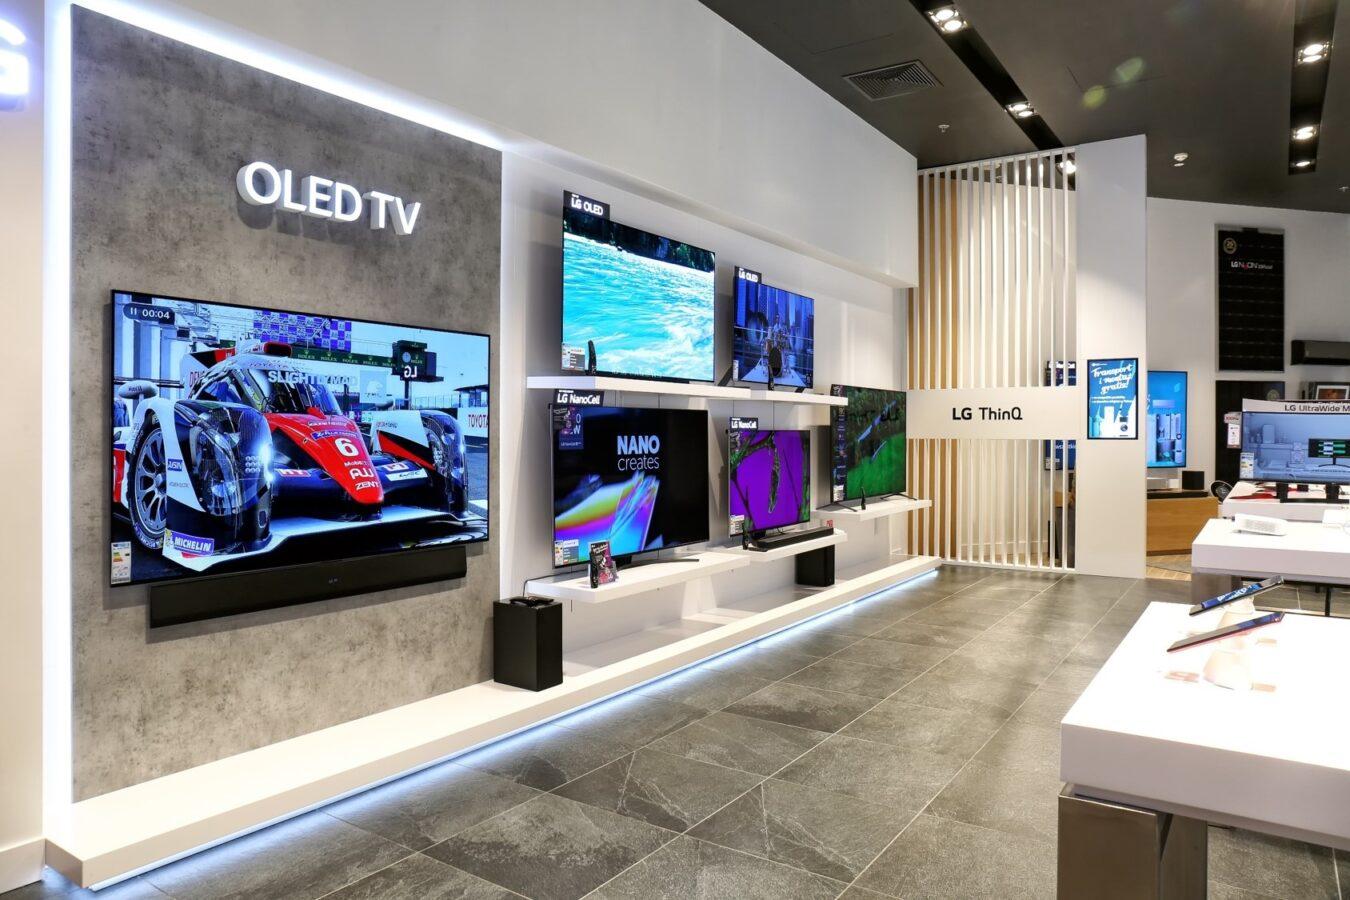 Mamy kolejny LG Brand Store - tym razem we Wrocławiu